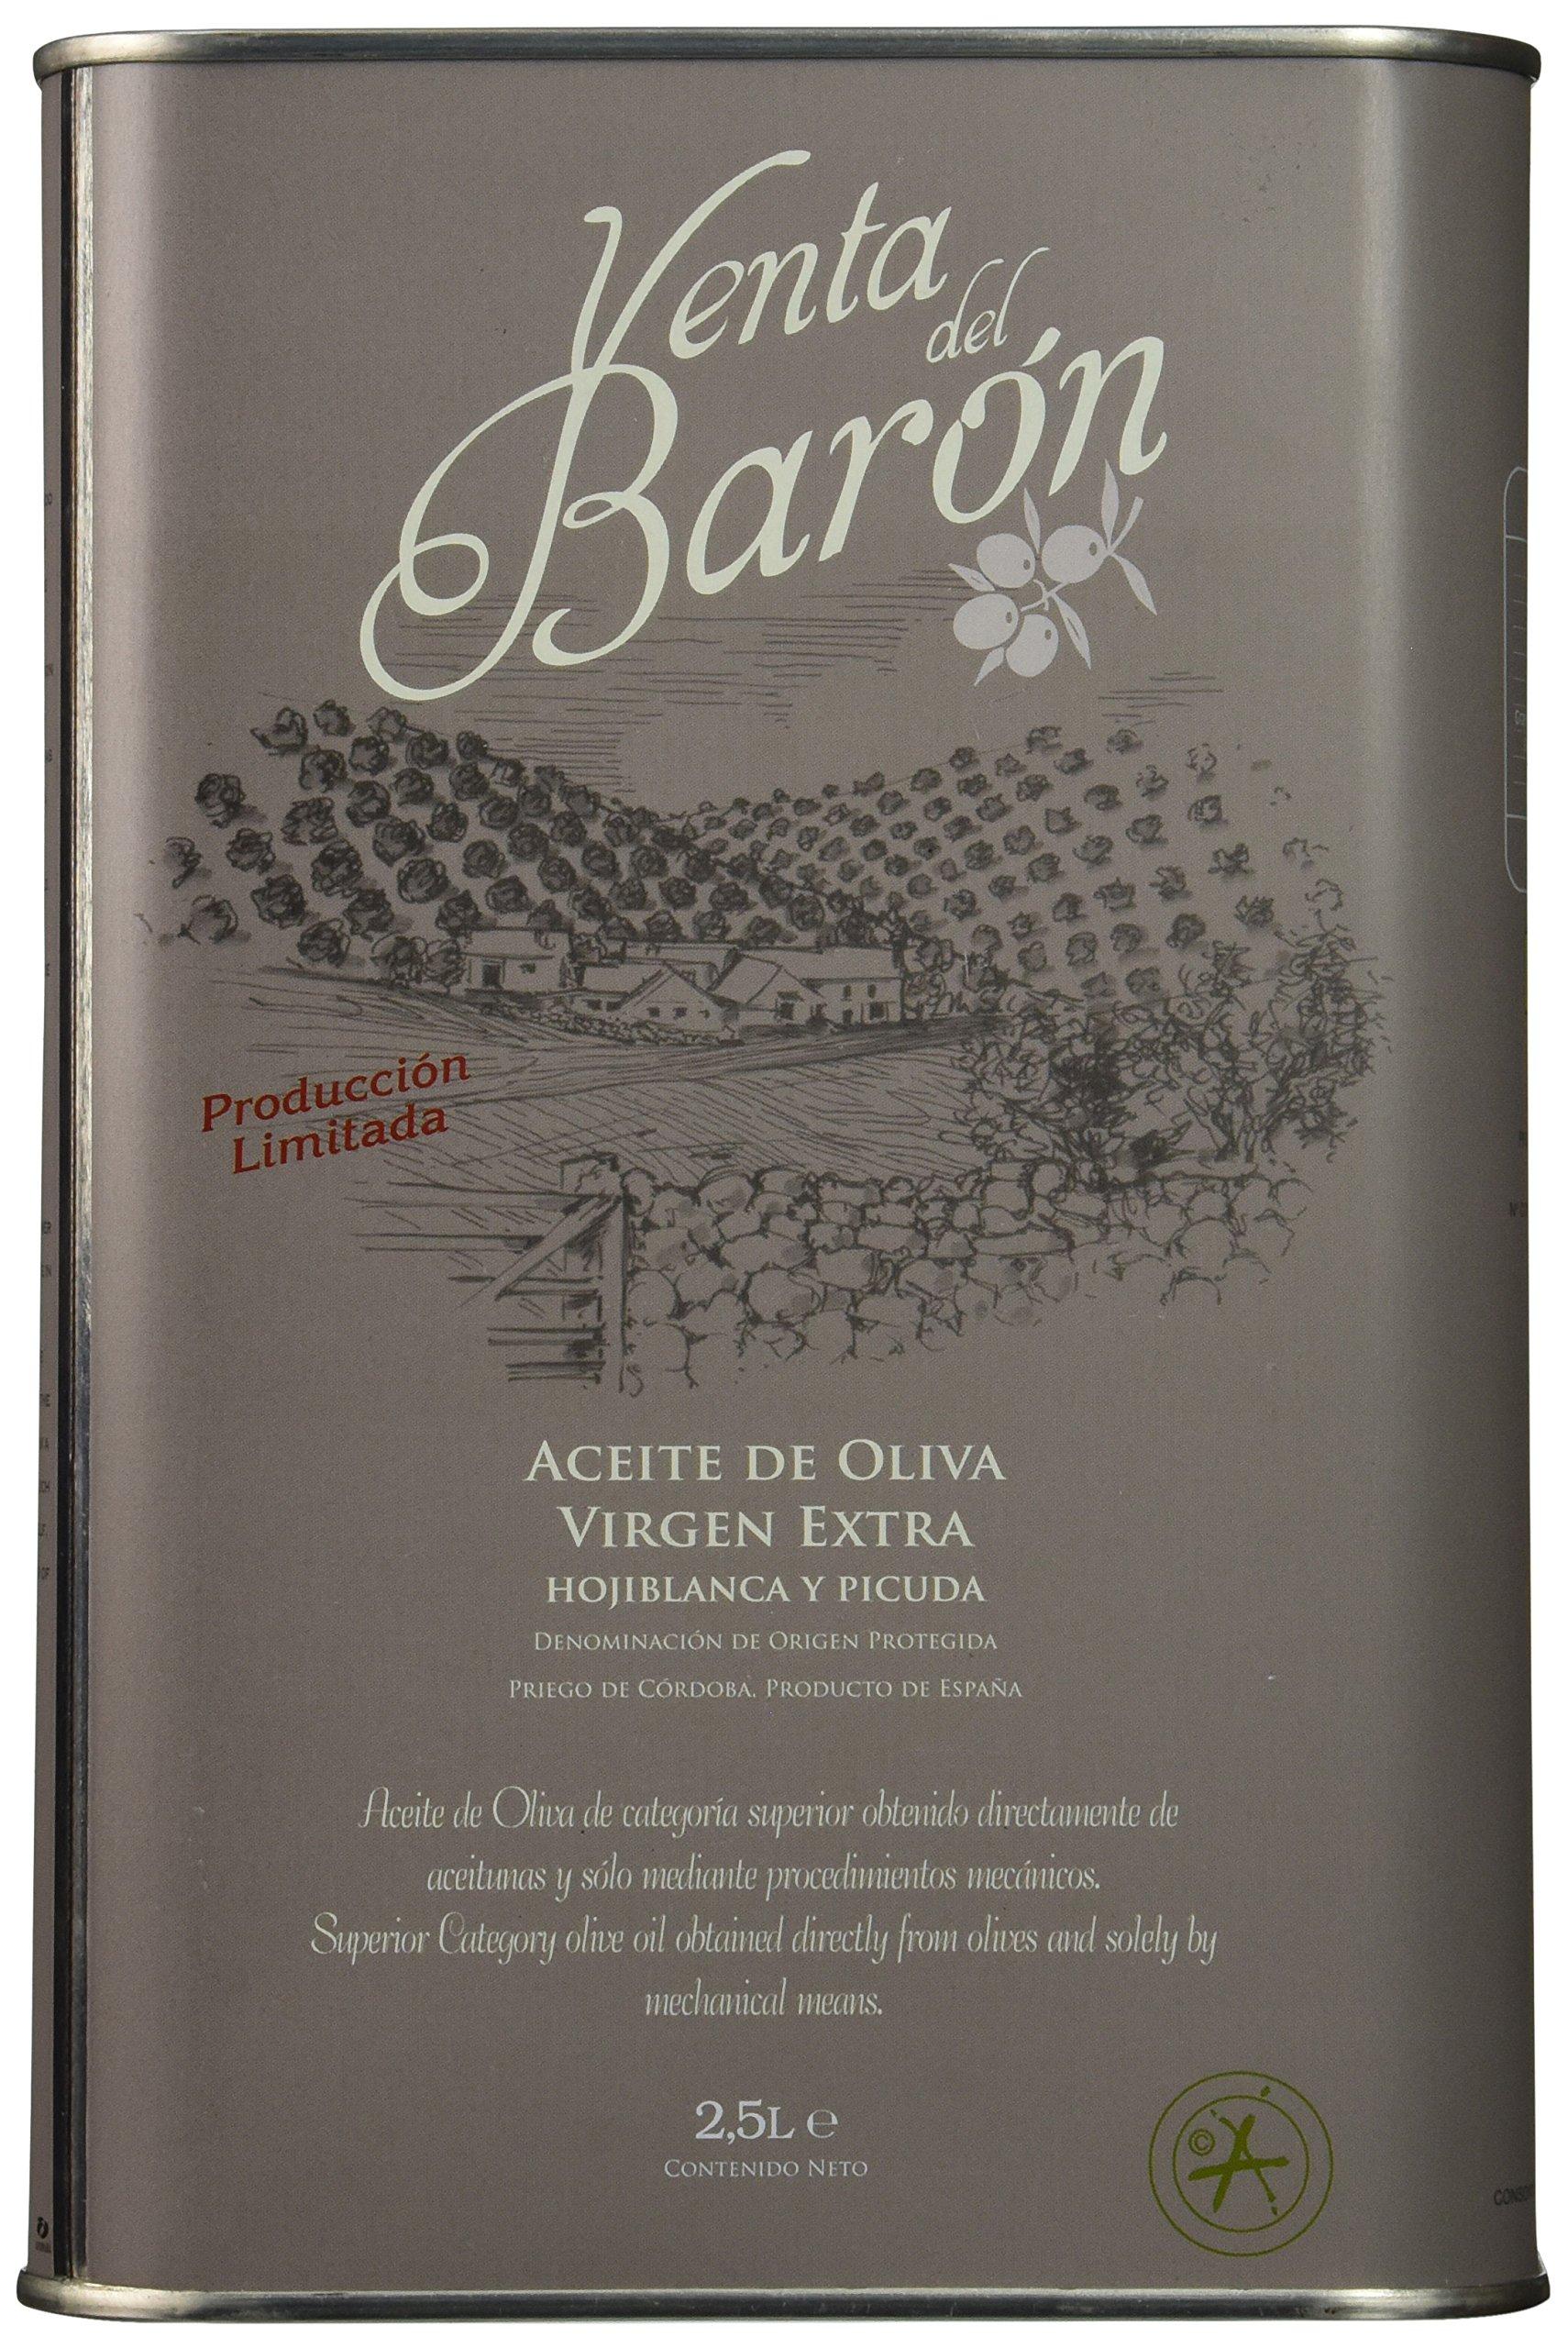 Venta del Baron Extra Virgin Olive Oil - 1 tin - 2.5 Liters